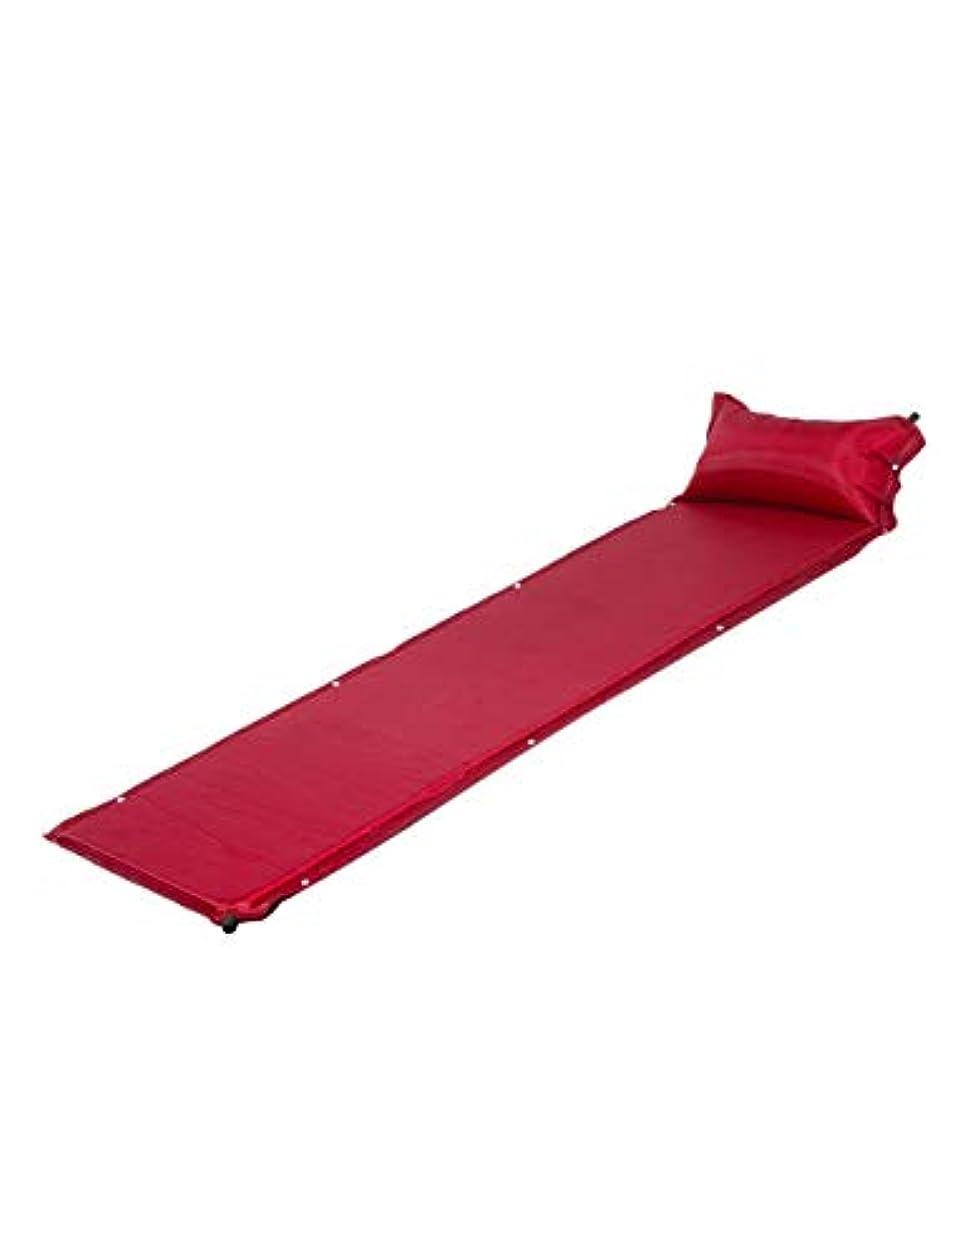 高価な絶対に涙屋外 自動 膨張層 Inflating Mat 旅行用枕 - 耐久性と折り畳み コンパクトキャンピングマット ピロー 耐水性 Zhhlaixing